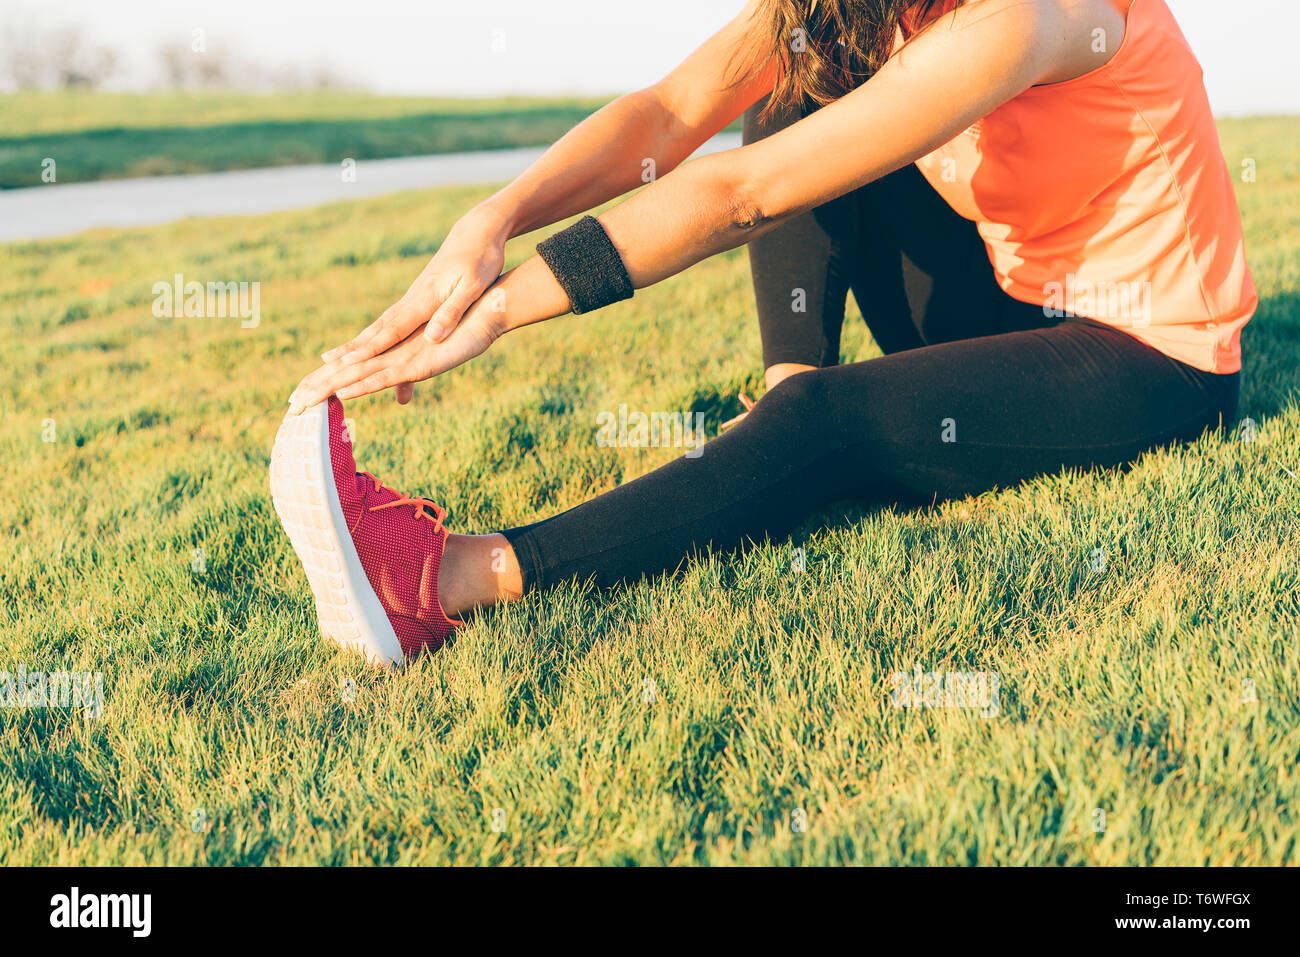 Junger Läufer Frau stretching Beine, bevor in einem Park laufen. In der Nähe von sportlichen und gesunden Mädchen mit weißen und rosa Turnschuhe. Stockfoto